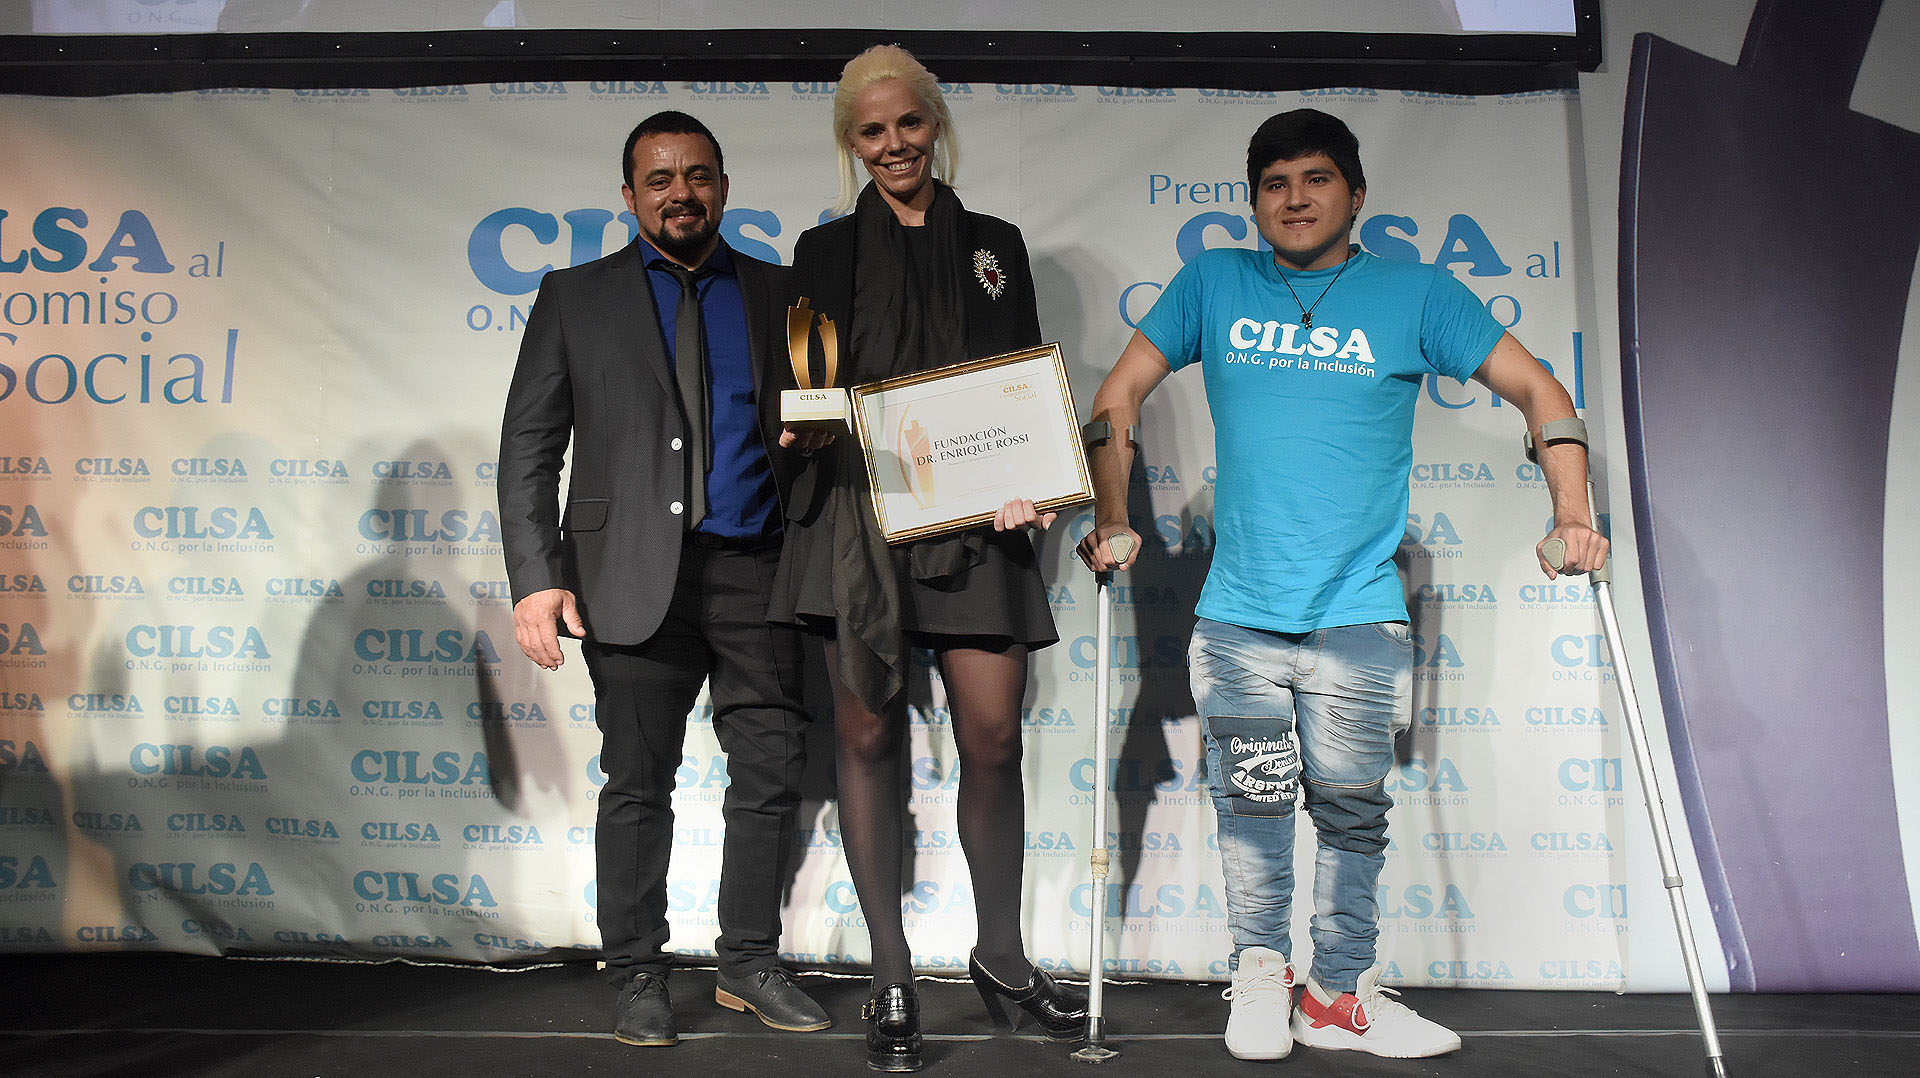 La Fundación Dr. Enrique Rossi recibió el premio al Compromiso Social de la mano de su presidenta y directora, Agustina Rossi